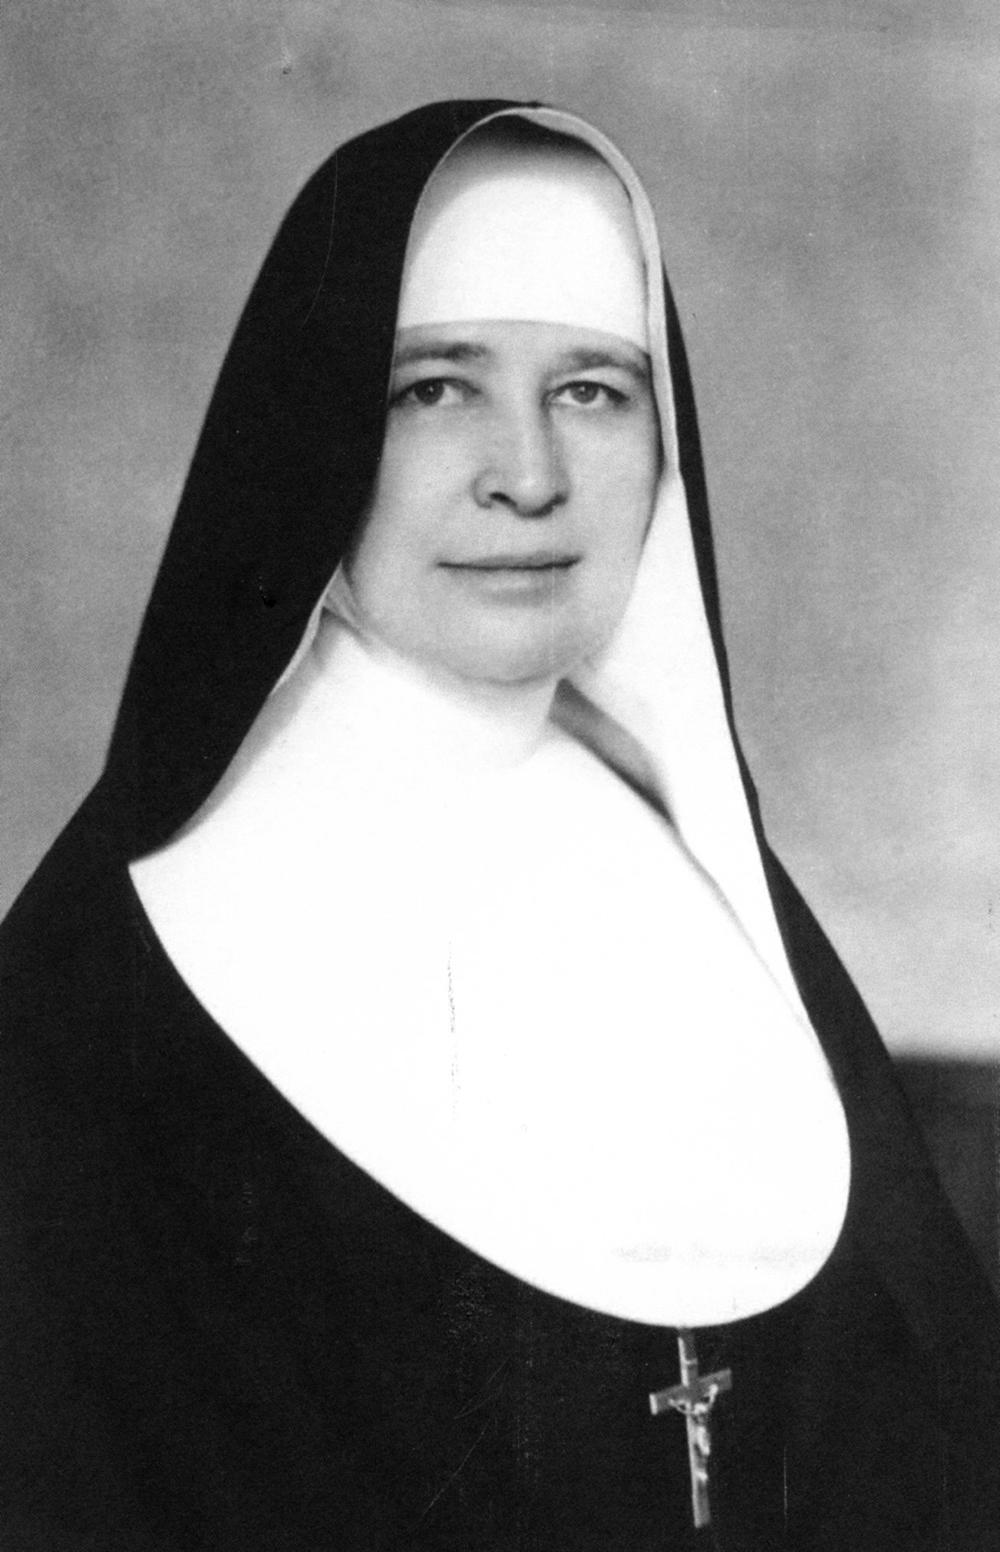 Motina Marija Kazimiera Kaupaitė muo ankstyvos jaunystės svajojo apie vienuolės gyvenimo kelią.